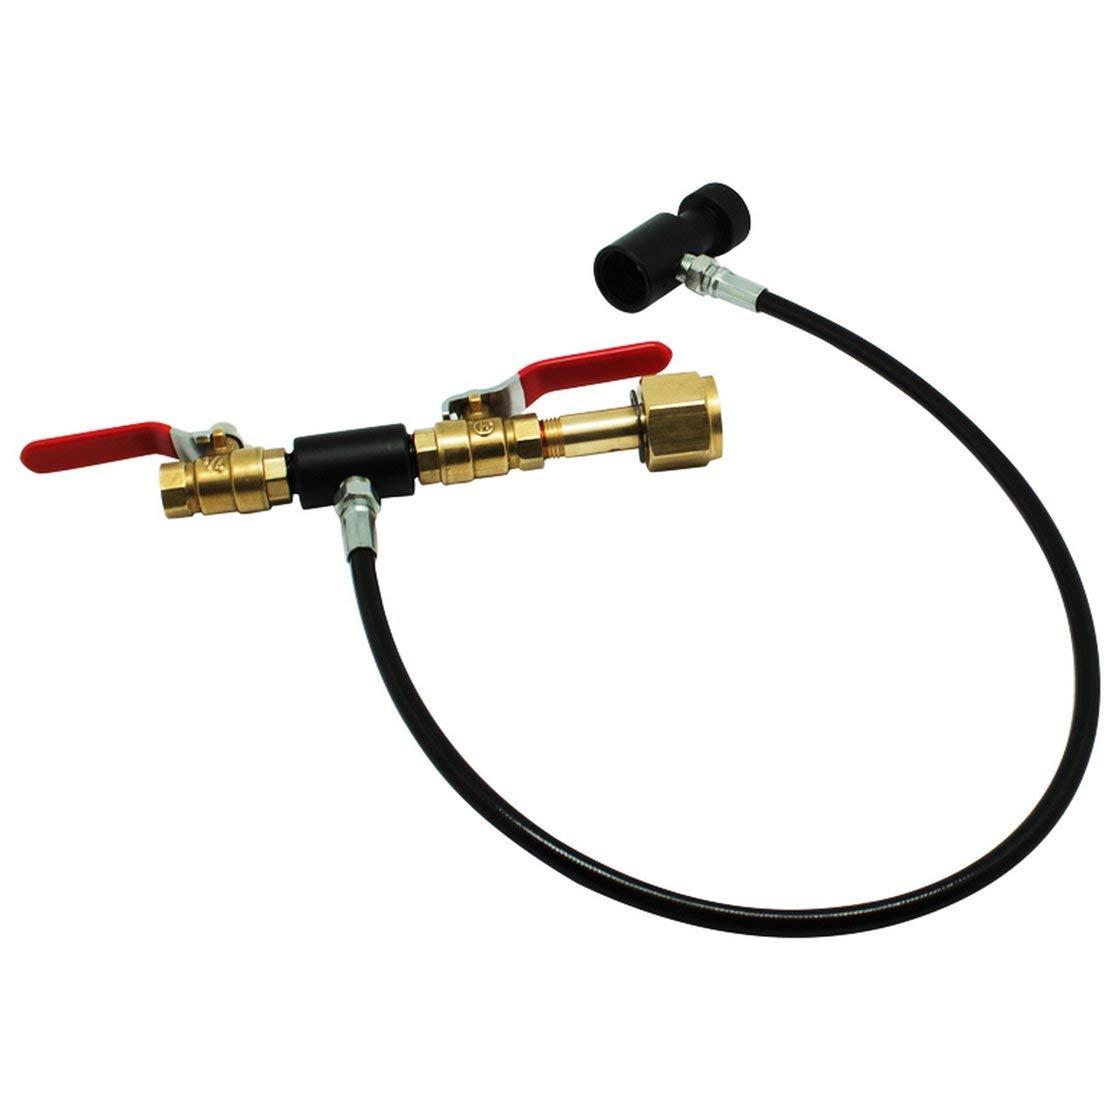 Hermosairis Bef/ülladapter f/ür Soda Stream-CO2-Tank//Zylinder-Nachf/üllstation mit Anschluss Rone Leben